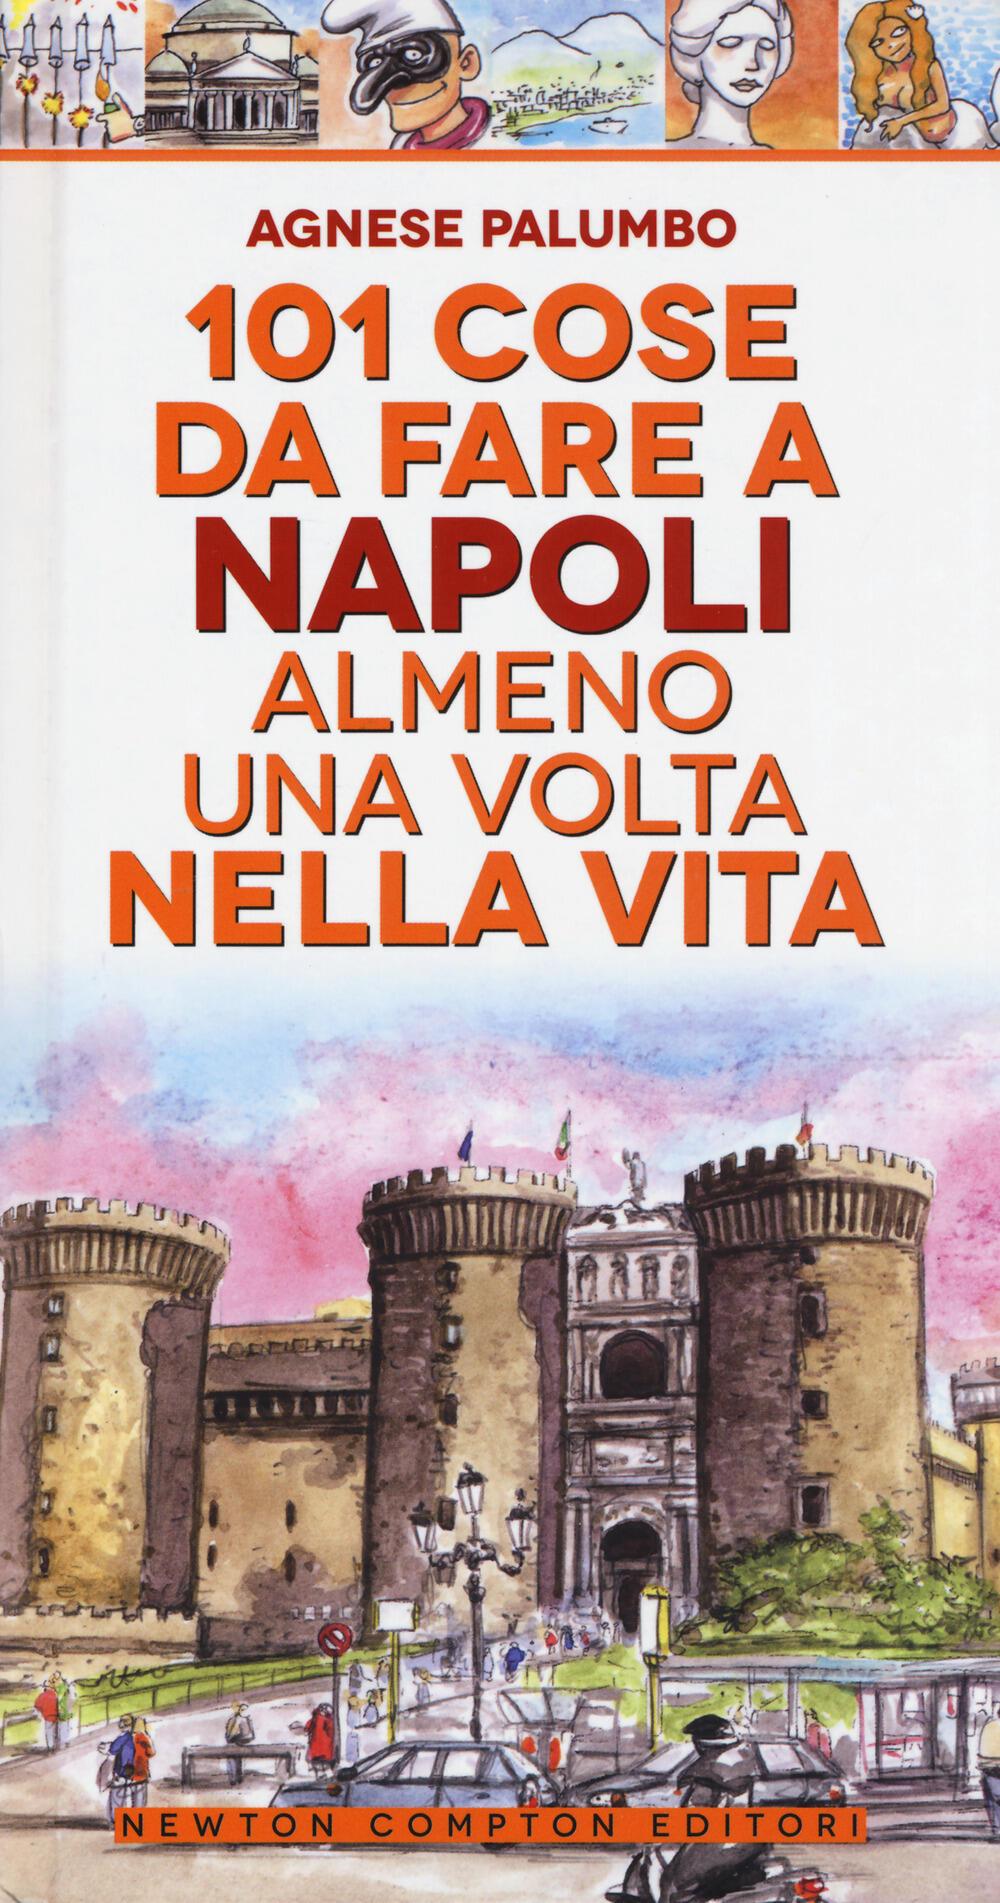 101 cose da fare a Napoli almeno una volta nella vita - Agnese Palumbo -  Libro - Newton Compton - Fuori collana | IBS